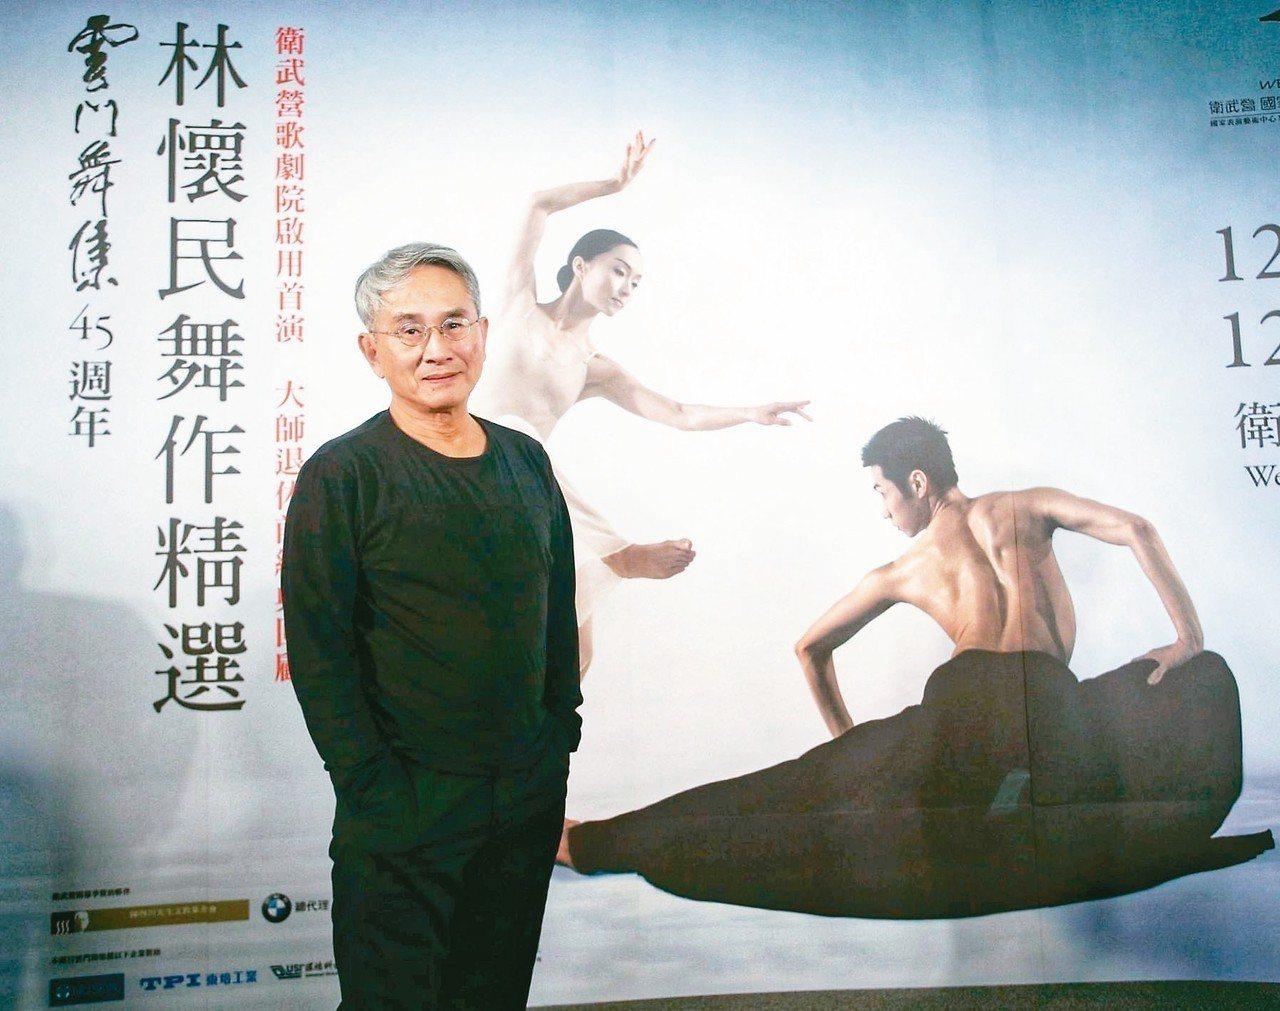 雲門舞集創辦人林懷民表示,希望「高雄春天藝術節」持續下去。 記者劉學聖/攝影